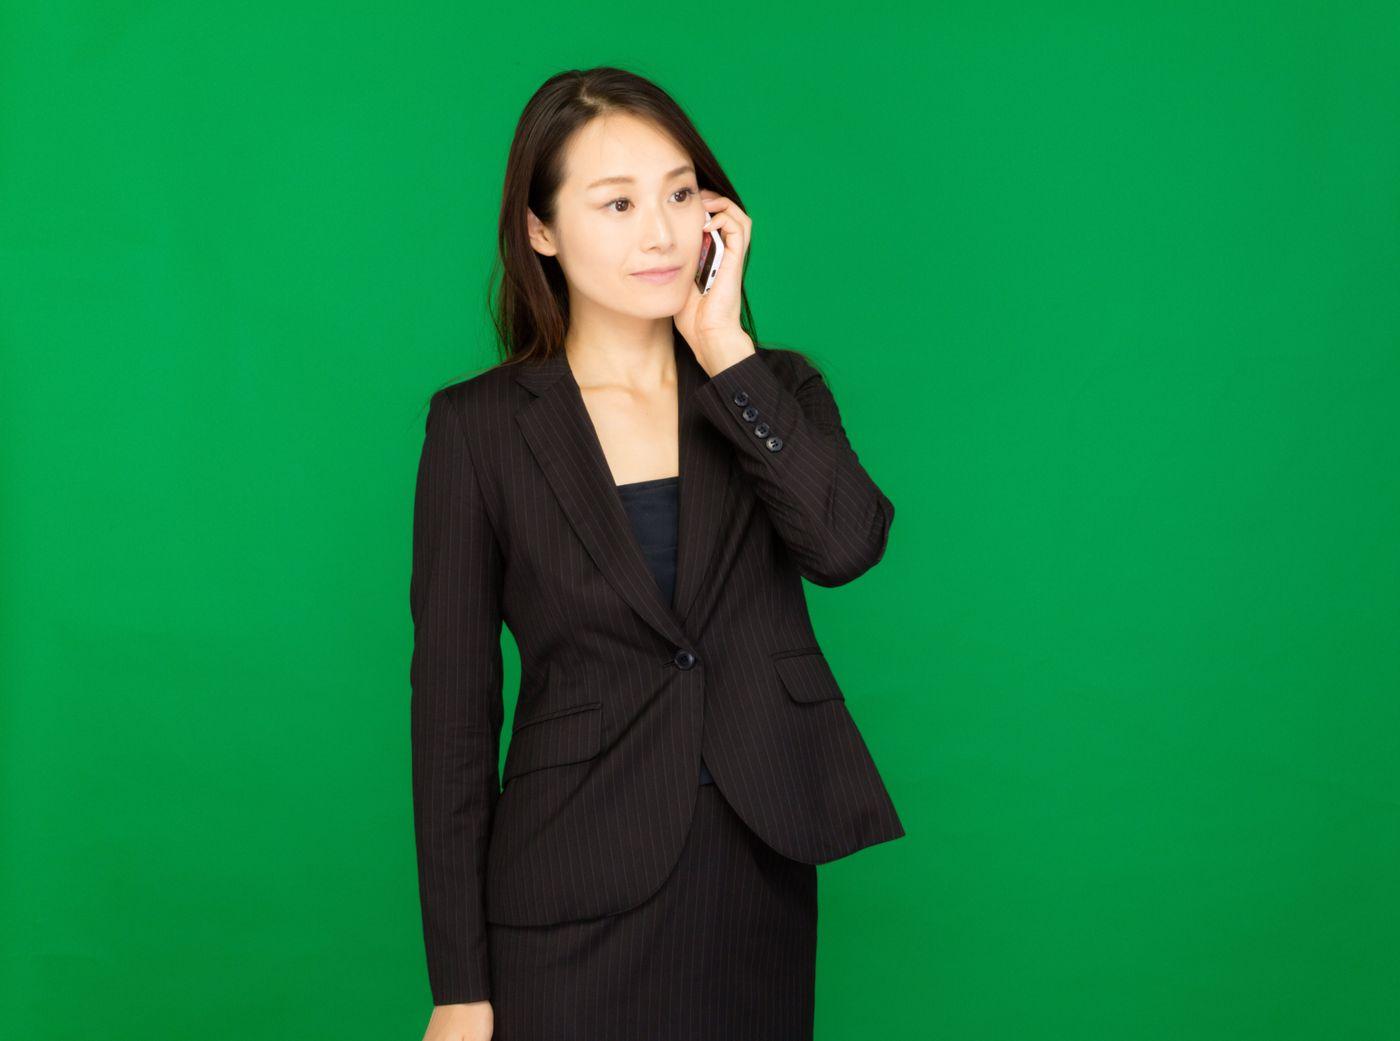 電話で社長に確認するキャリアウーマン(グリーンバック)の写真